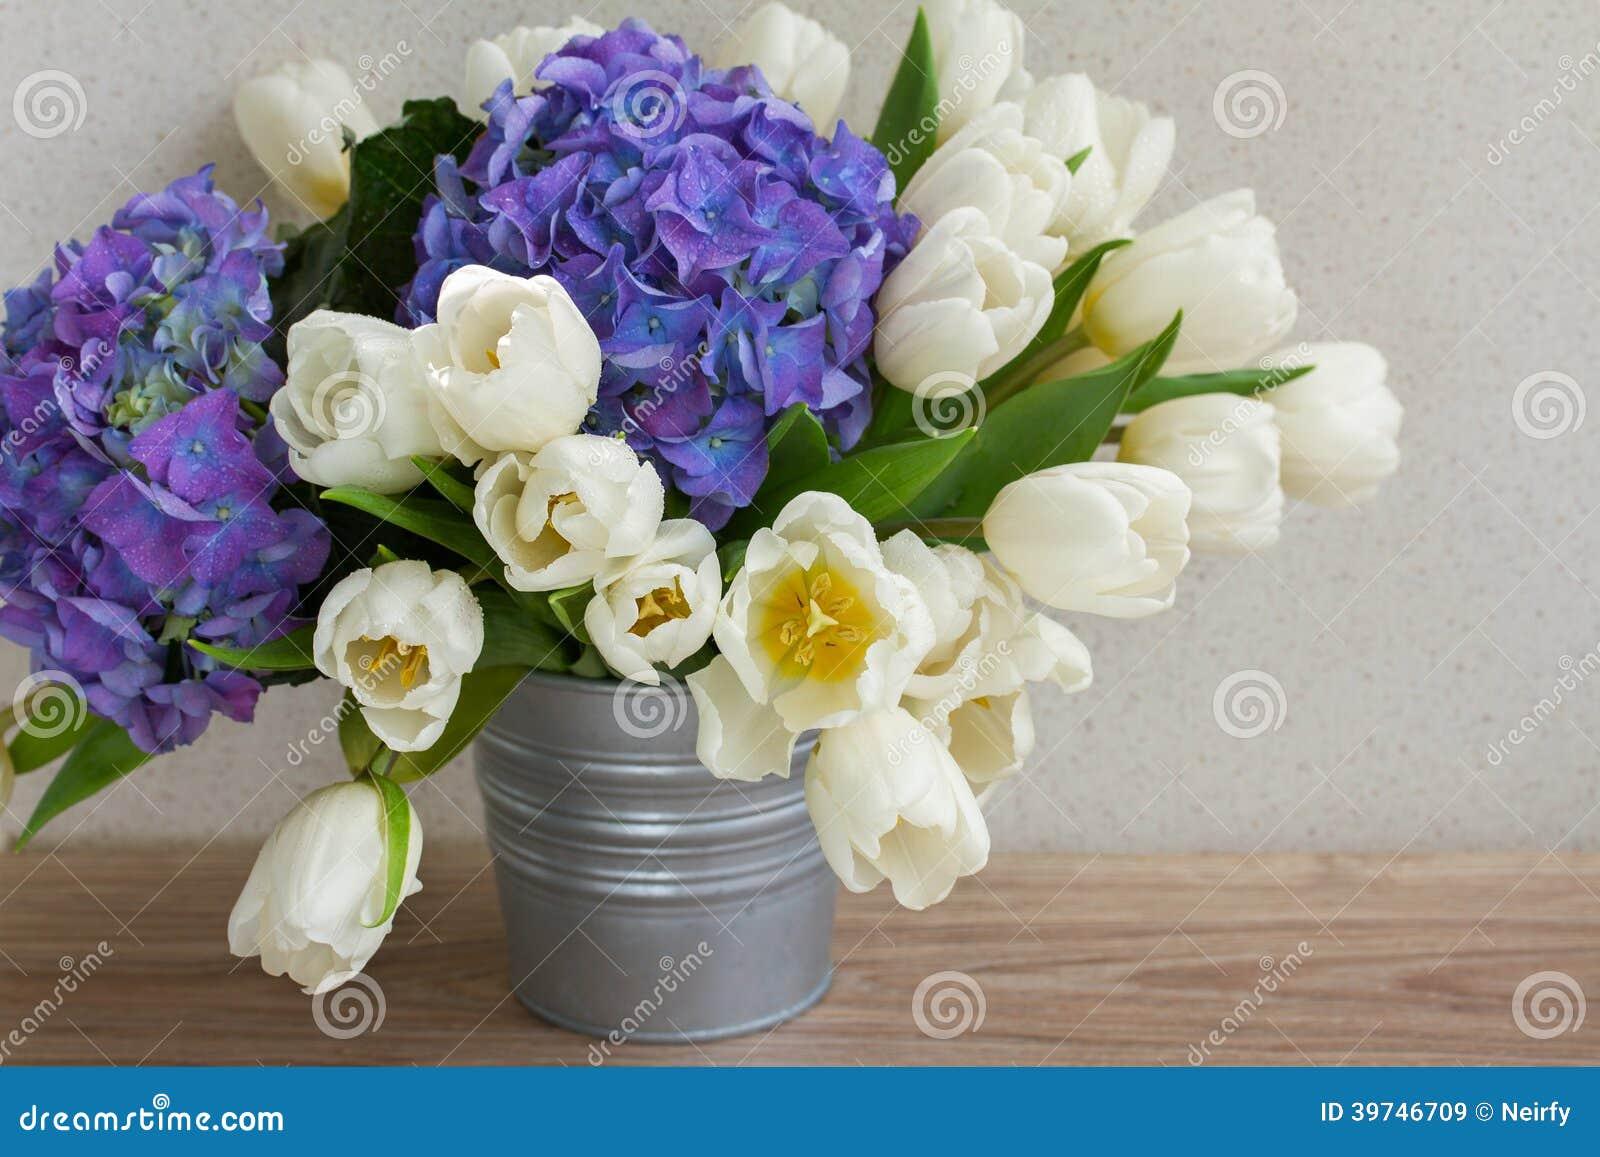 tulipes blanches et fleurs bleues de hortensia image stock image du fleur jardin 39746709. Black Bedroom Furniture Sets. Home Design Ideas